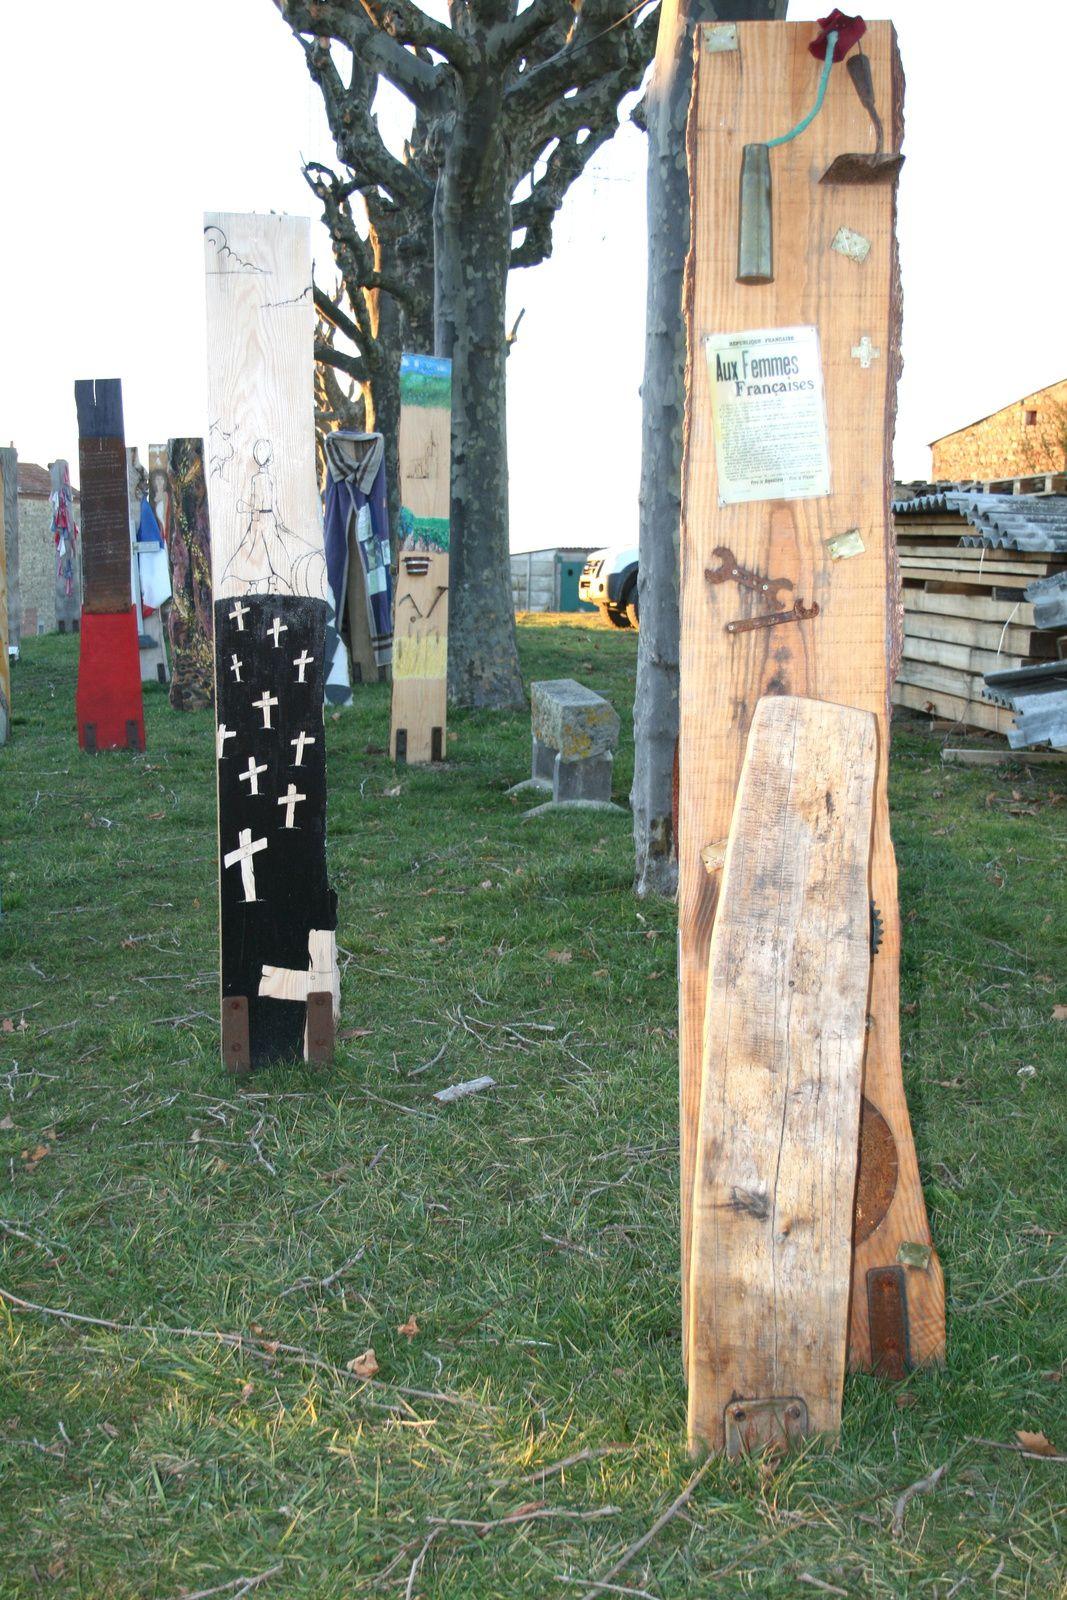 #sentinelles #14-18 mémoire de #guerre- #egliseneuveprèsBillom, Auvergne- France- art #charlotteblabla blog